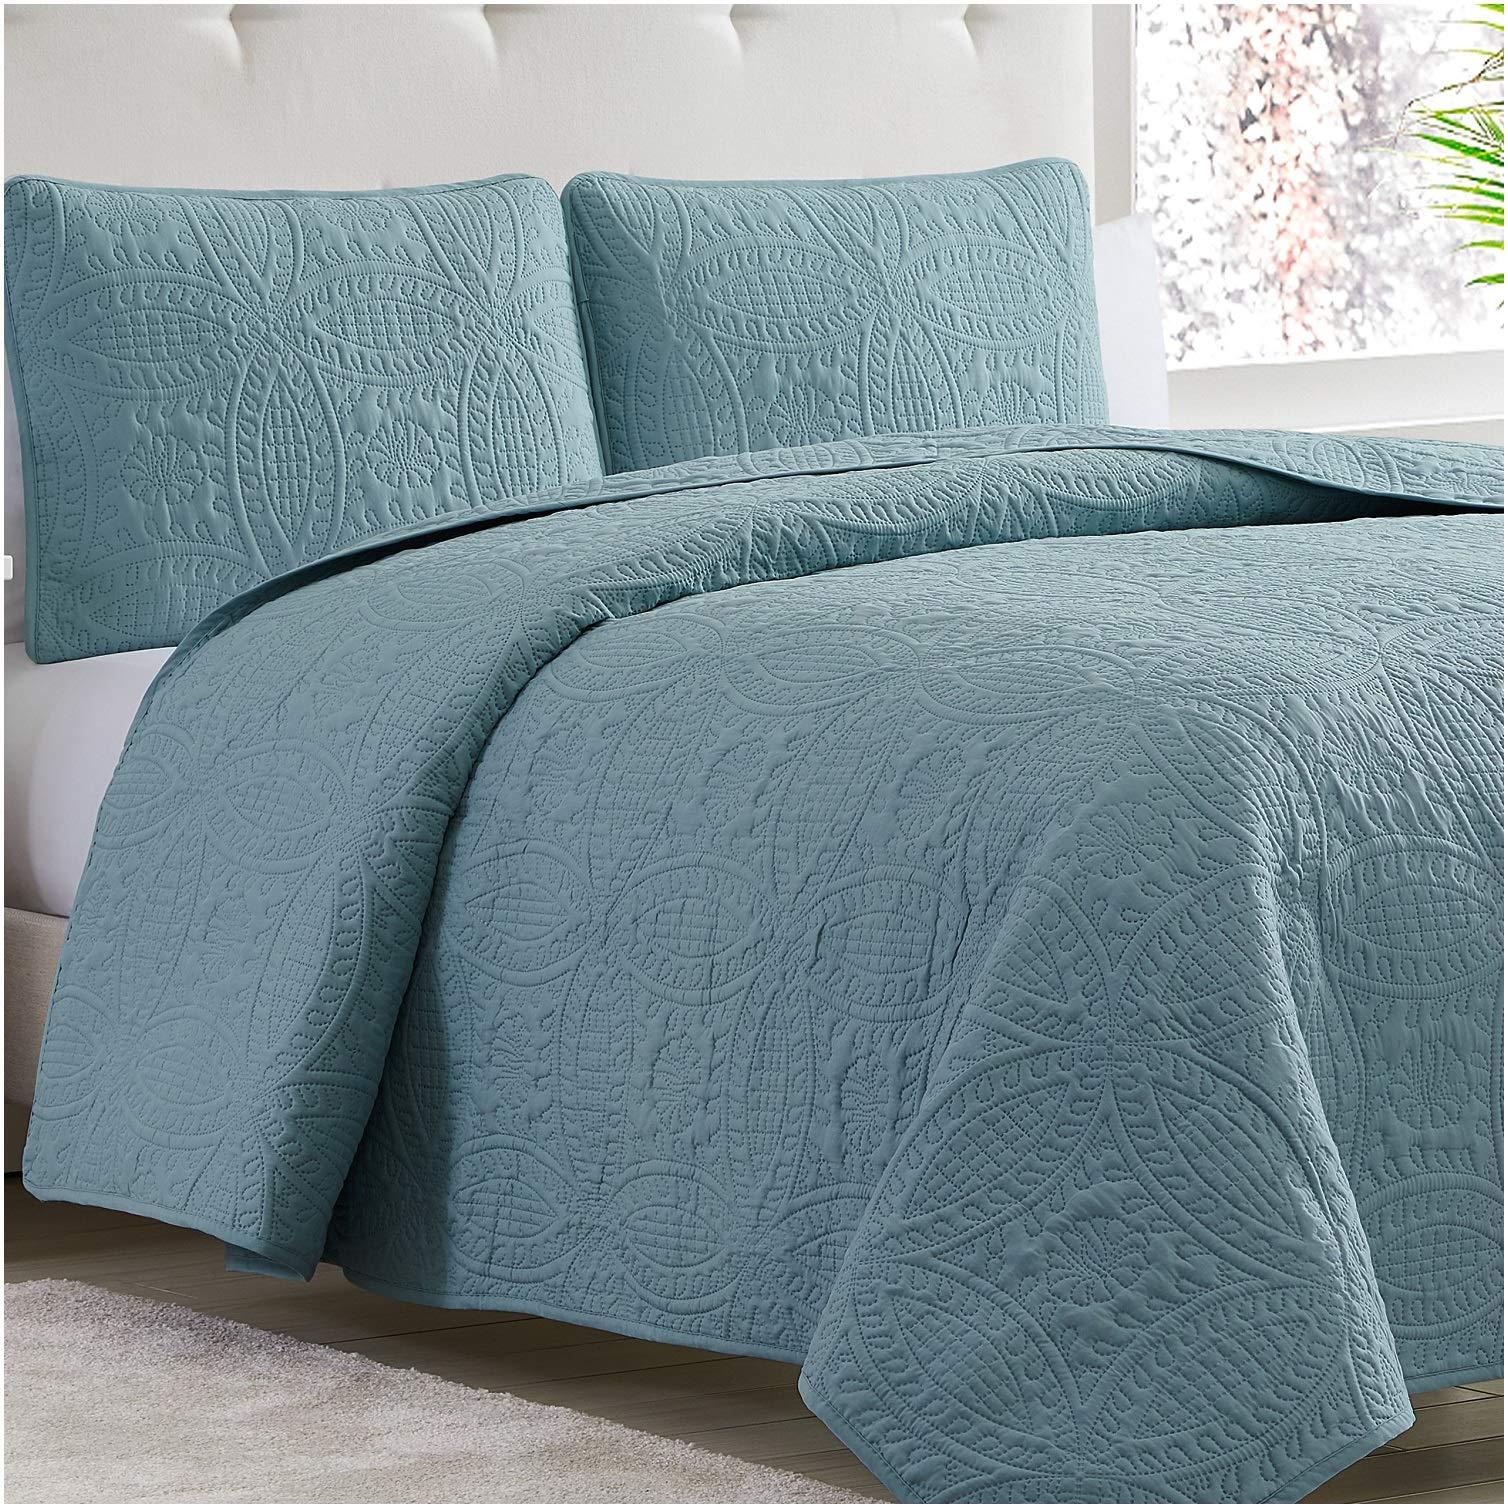 Mellanni Bedspread Coverlet Set Spa Blue Comforter